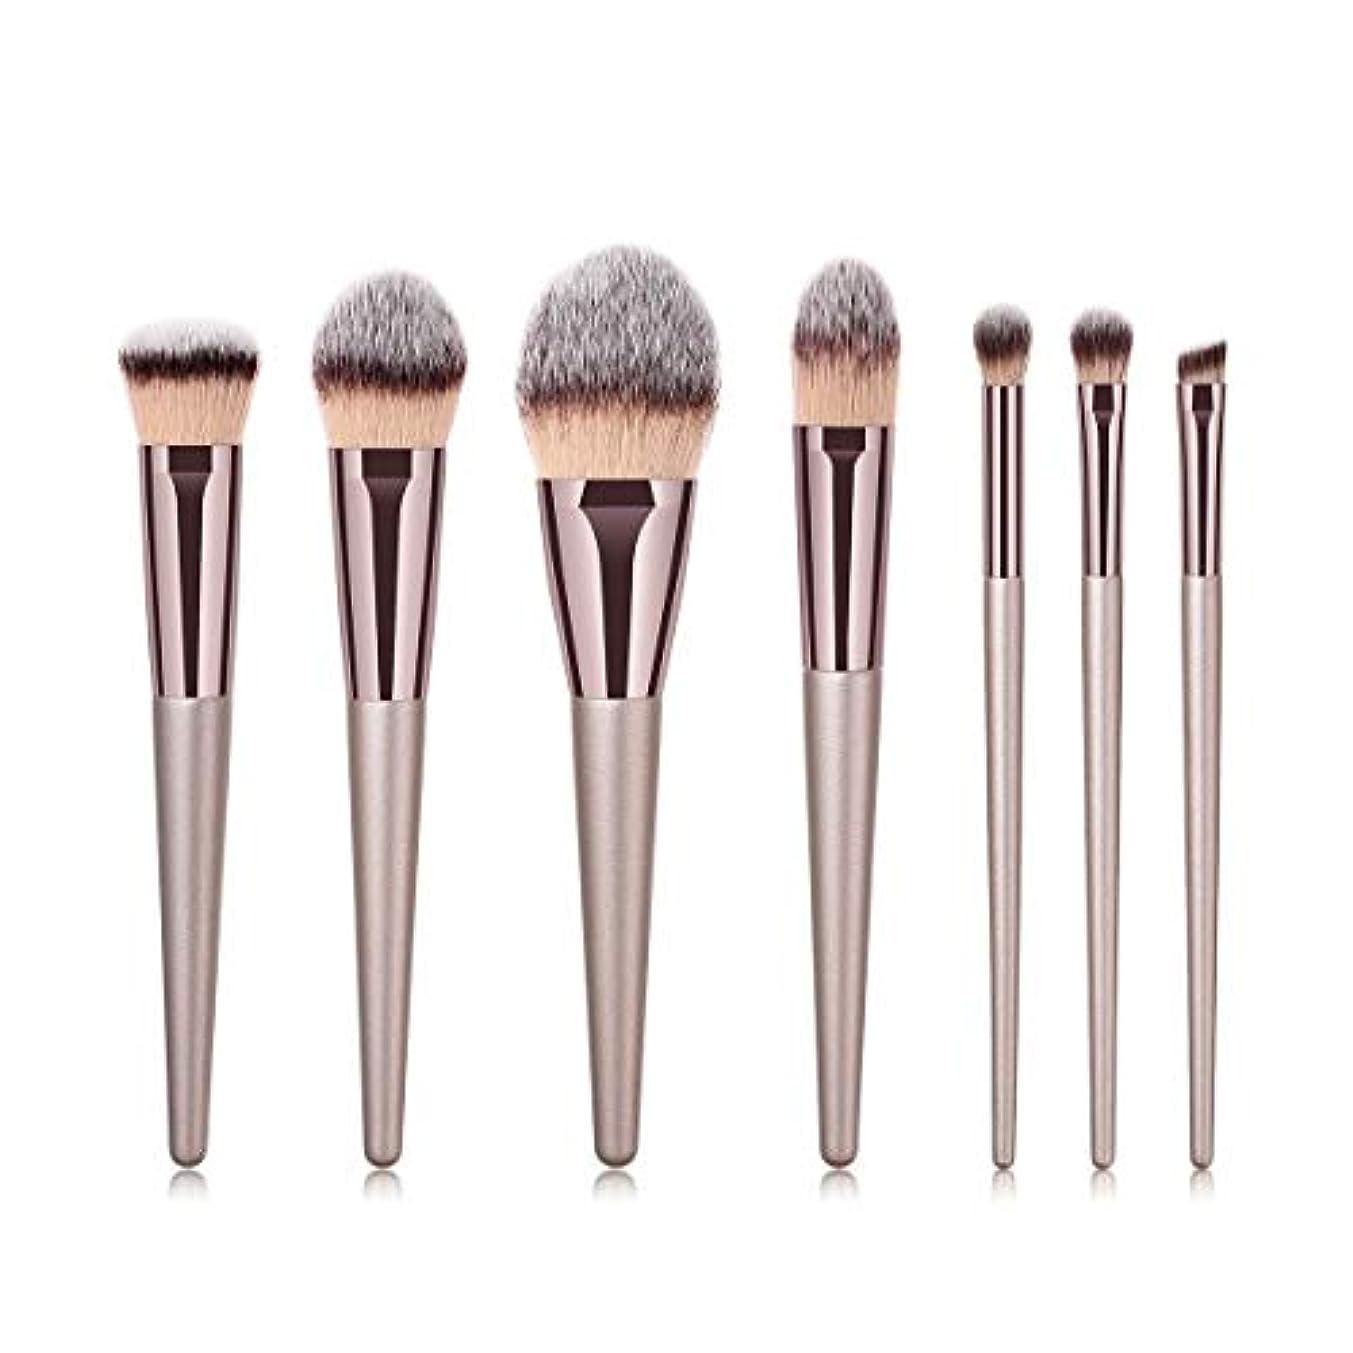 狼過激派おんどりMakeup brushes 7化粧ブラシファンデーションブラシパウダーブラッシュブラシアイシャドーブラシハイトグロスシルエットブラシセットブラシグレー suits (Color : Gray)